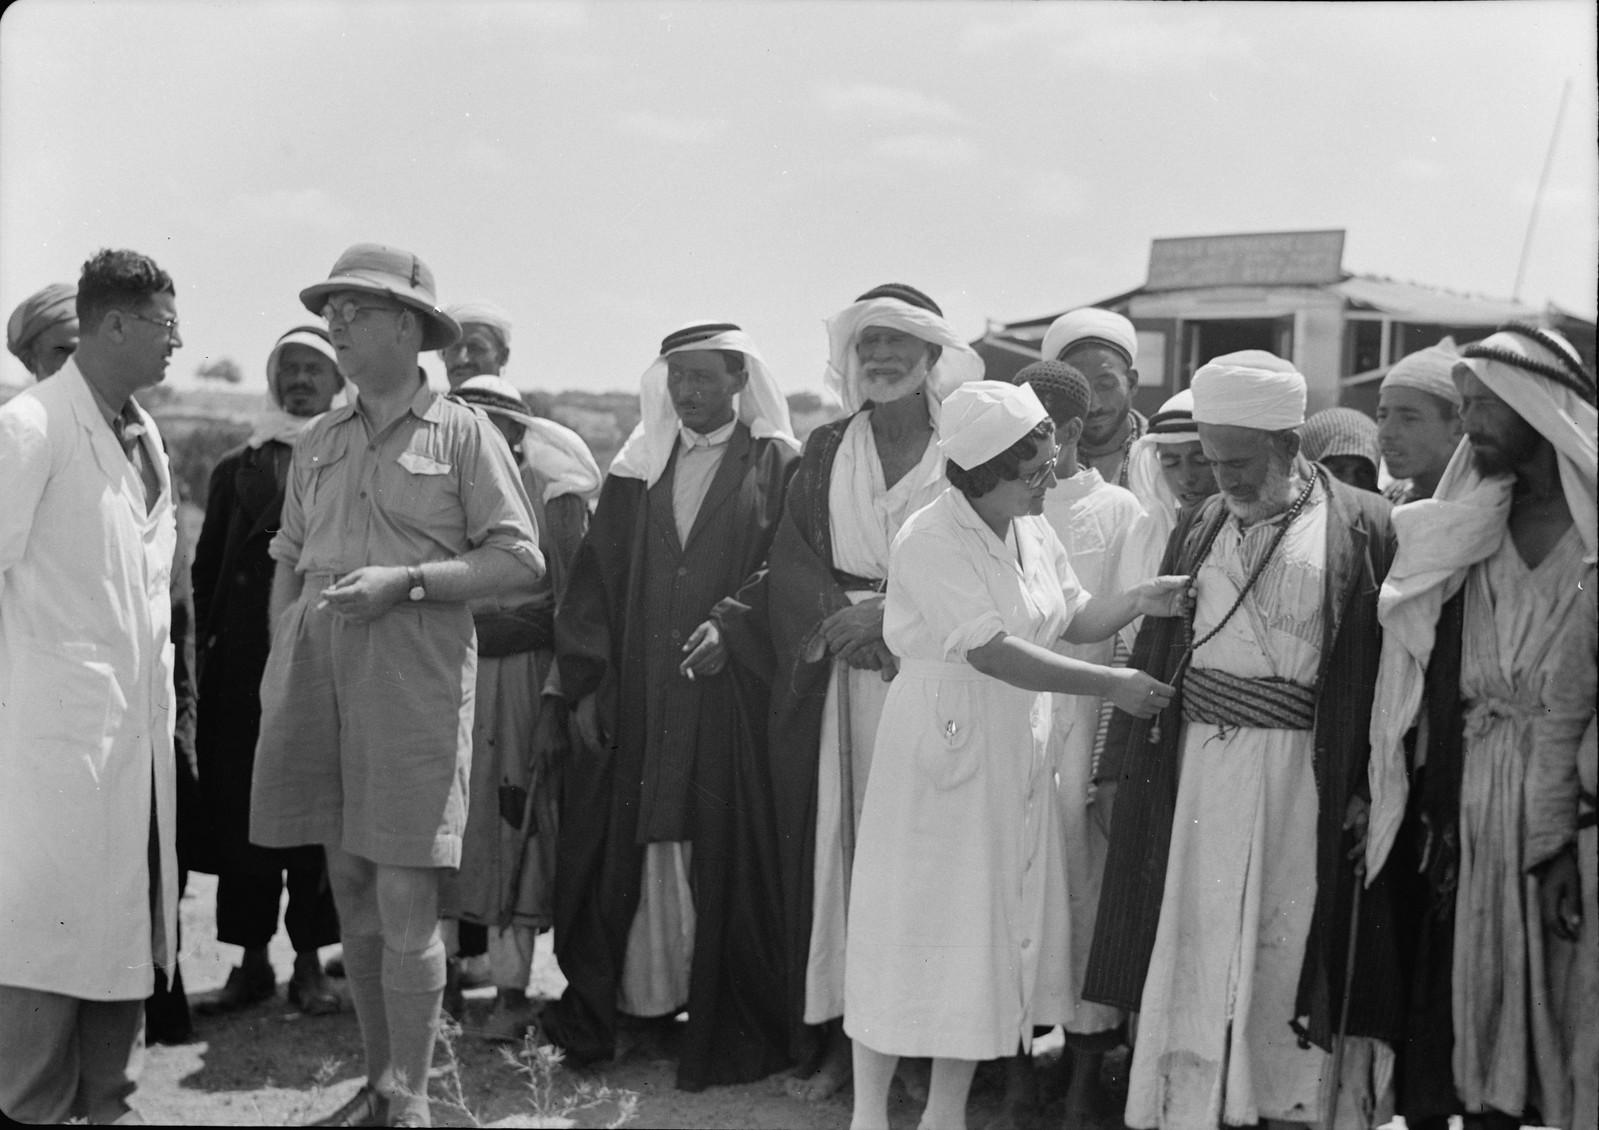 Группа арабов из окрестных деревеннь общается с врачами и медсестрами